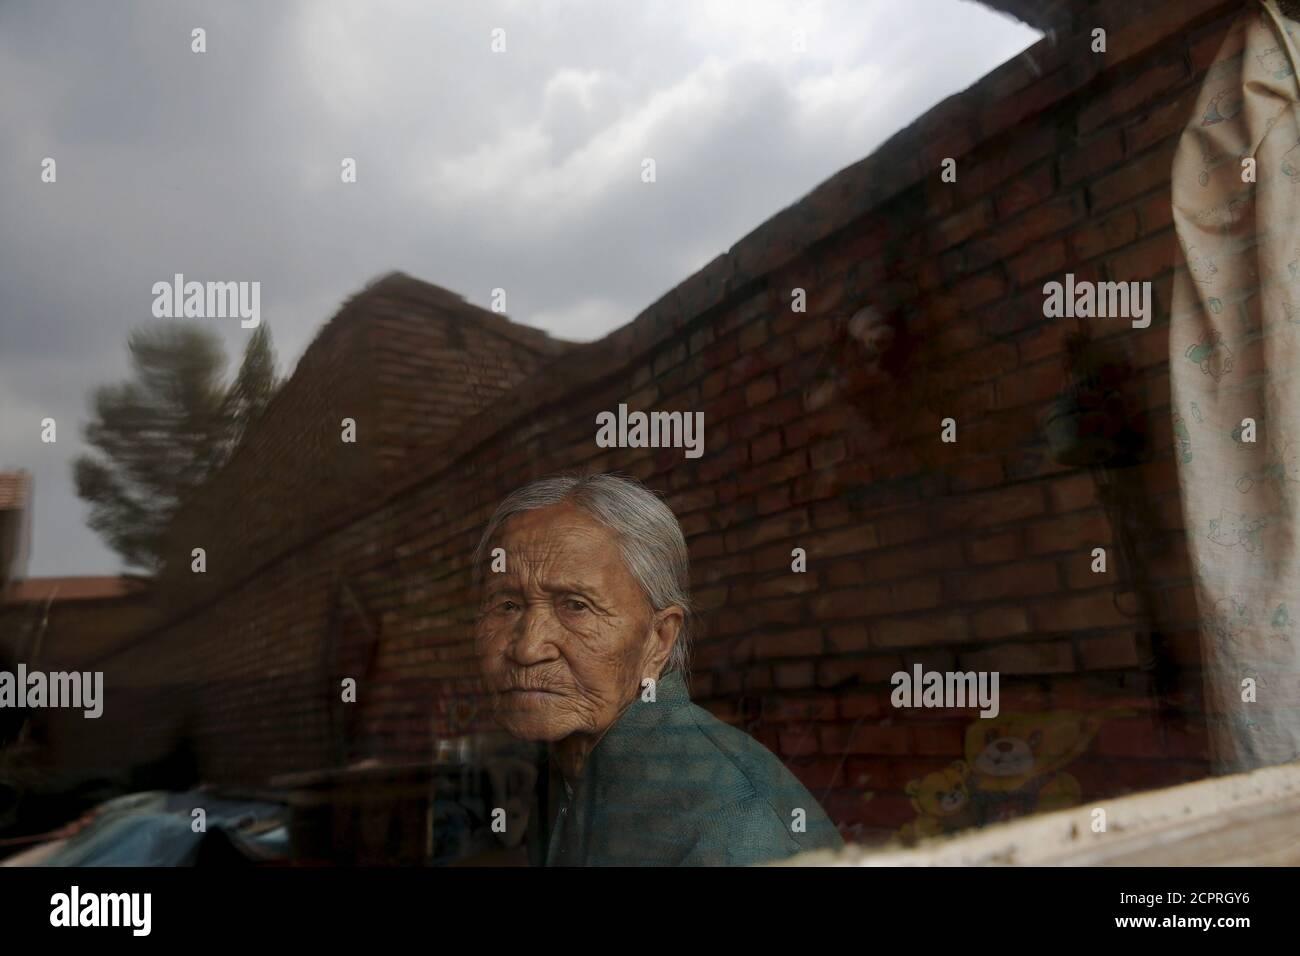 L'ancienne 'femme de confort' chinoise Zhang Xiantu regarde par la fenêtre de sa maison dans la ville de Xiyan, province du Shanxi, Chine, le 18 juillet 2015. € œComfort femme? Est l'euphémisme japonais pour les femmes qui ont été forcées à la prostitution et victimes d'abus sexuels dans des maisons de prostitution militaires japonaises avant et pendant la Seconde Guerre mondiale. Zhang Xiantu est la seule 'femme de réconfort' survivante des 16 plaignants du Shanxi qui ont poursuivi le gouvernement japonais en 1995 pour avoir enlevé des filles et les utiliser comme 'femme de réconfort' pendant la deuxième Guerre mondiale. Selon les renseignements de la Commission d'enquête de China sur les faits de Comfort Wome Banque D'Images